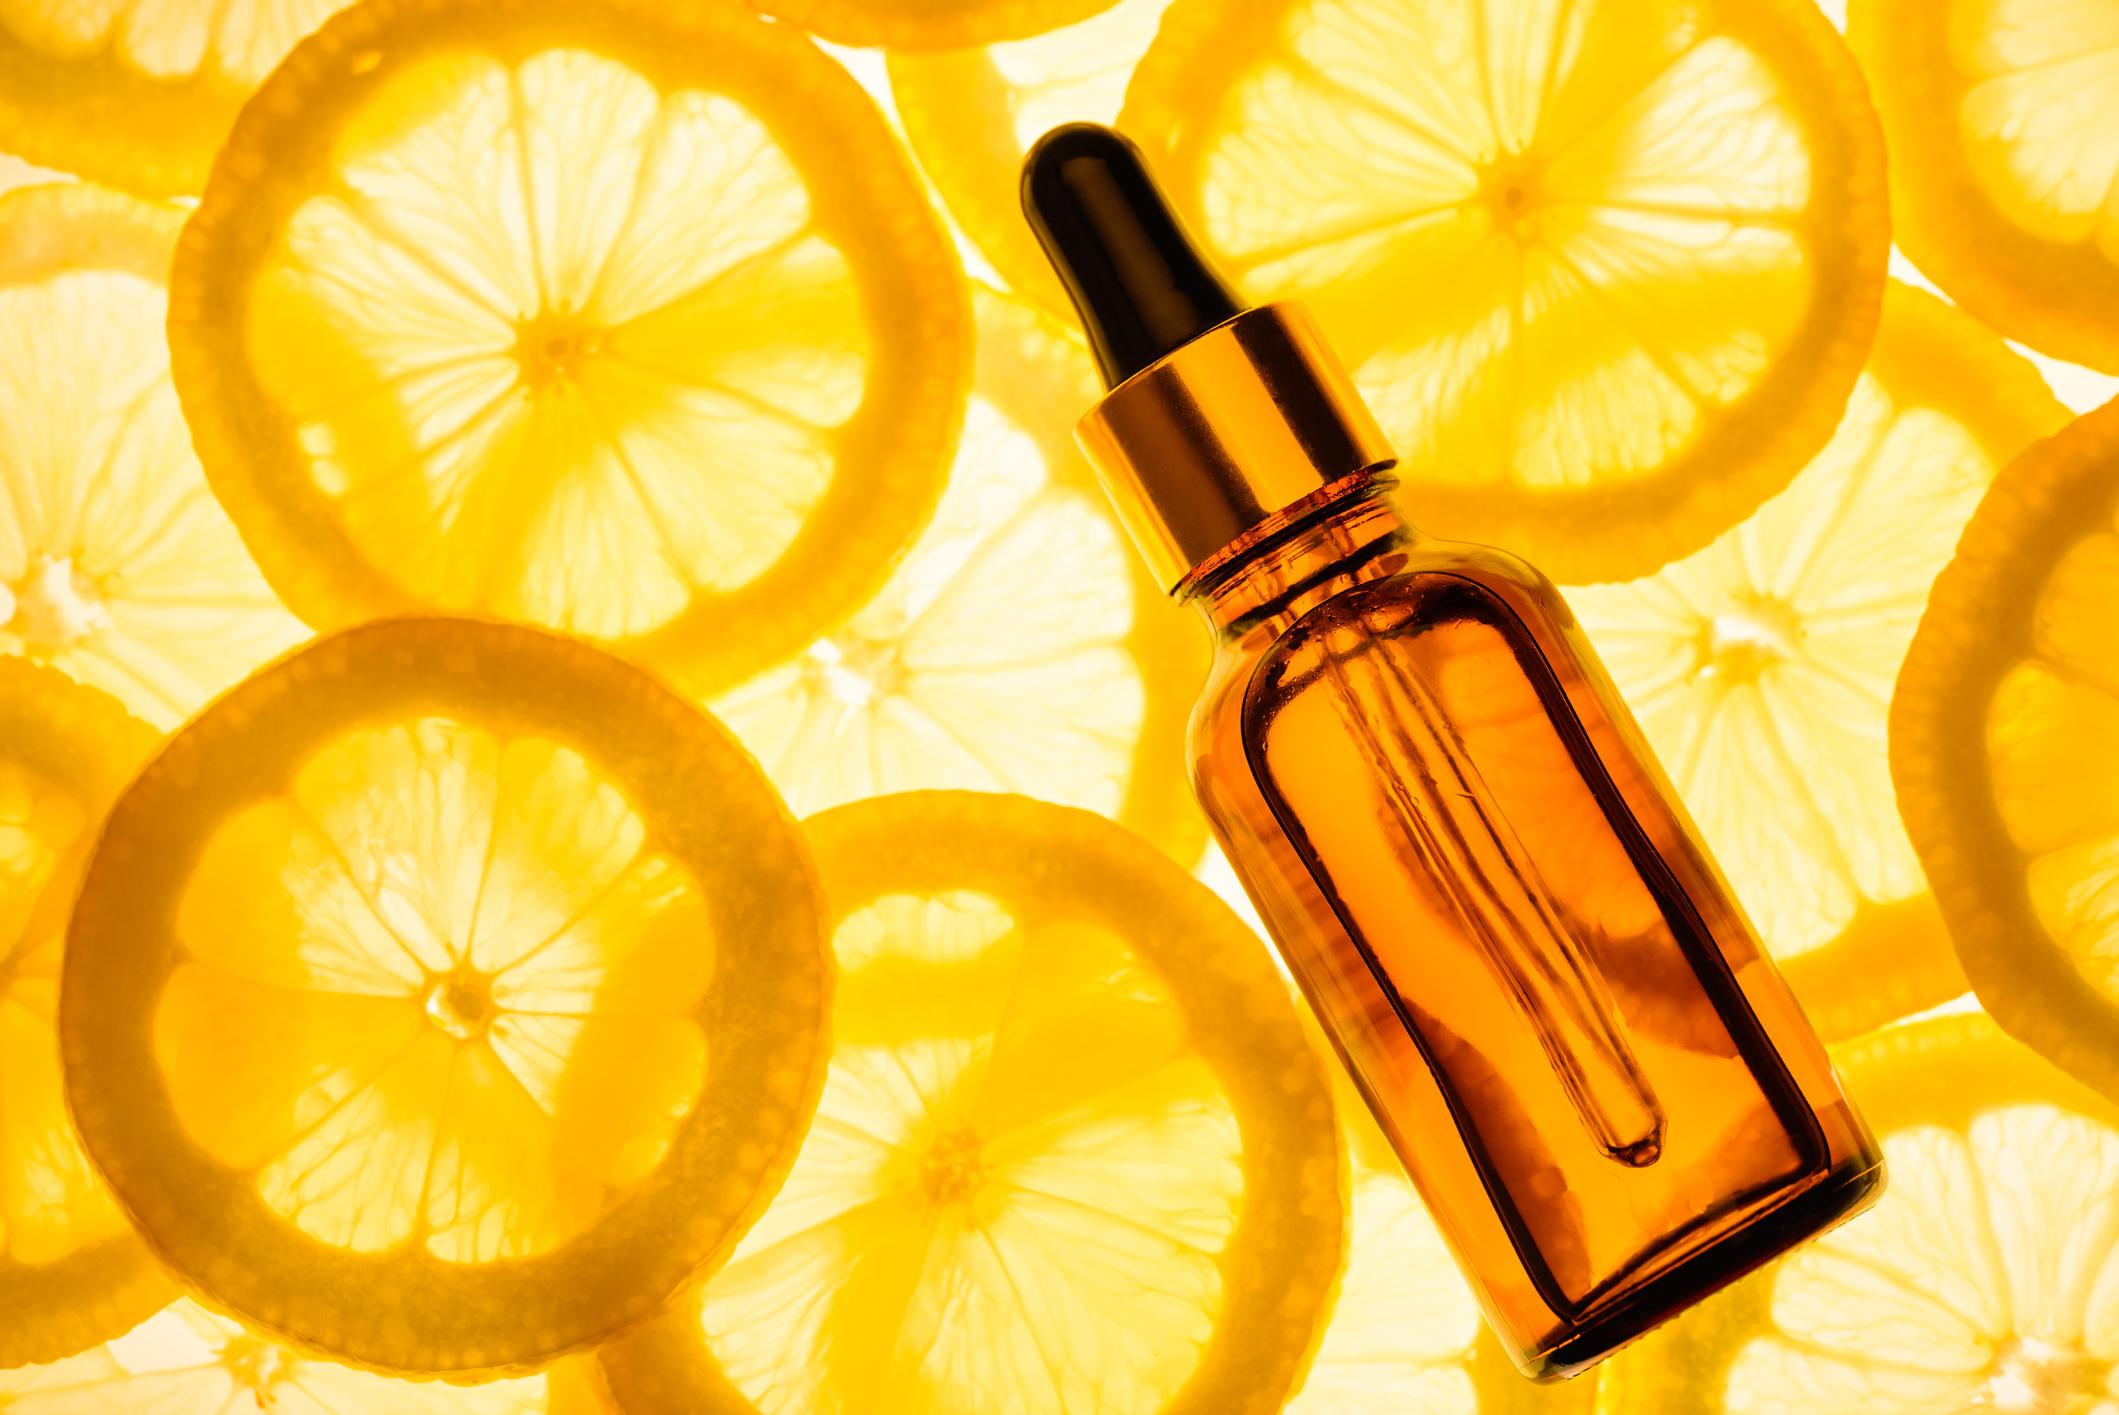 Витамин С е антиоксидант, който също помага за възстановяването на кожата. Той се бори със свободните радикали и озарява тена на кожата. Разбира се, помага и на раните да зараснат така, че да остане почти незабележим белег.